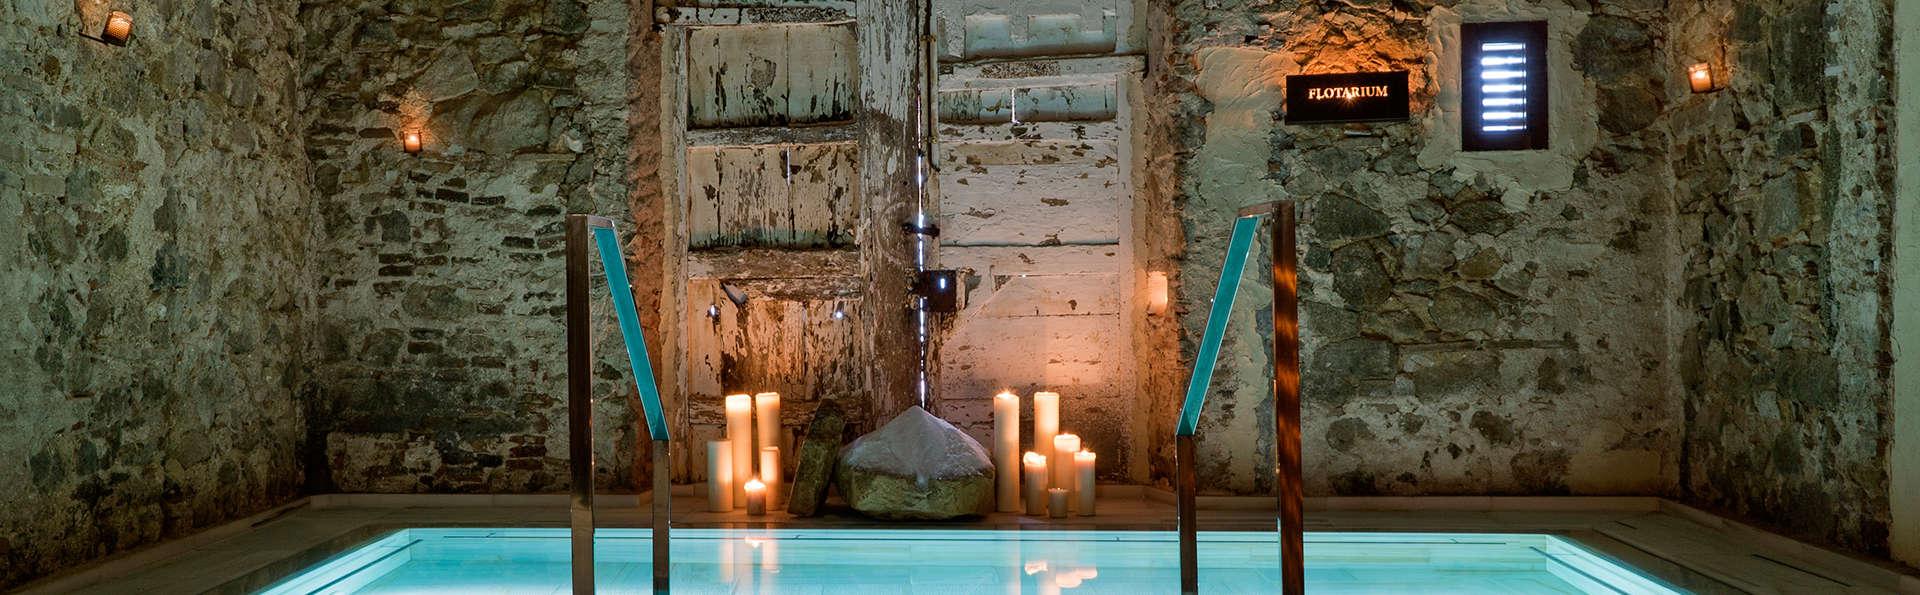 Especial 5*: Lujo en suite y relax en la tranquilidad de Vallromanes con jardín privado